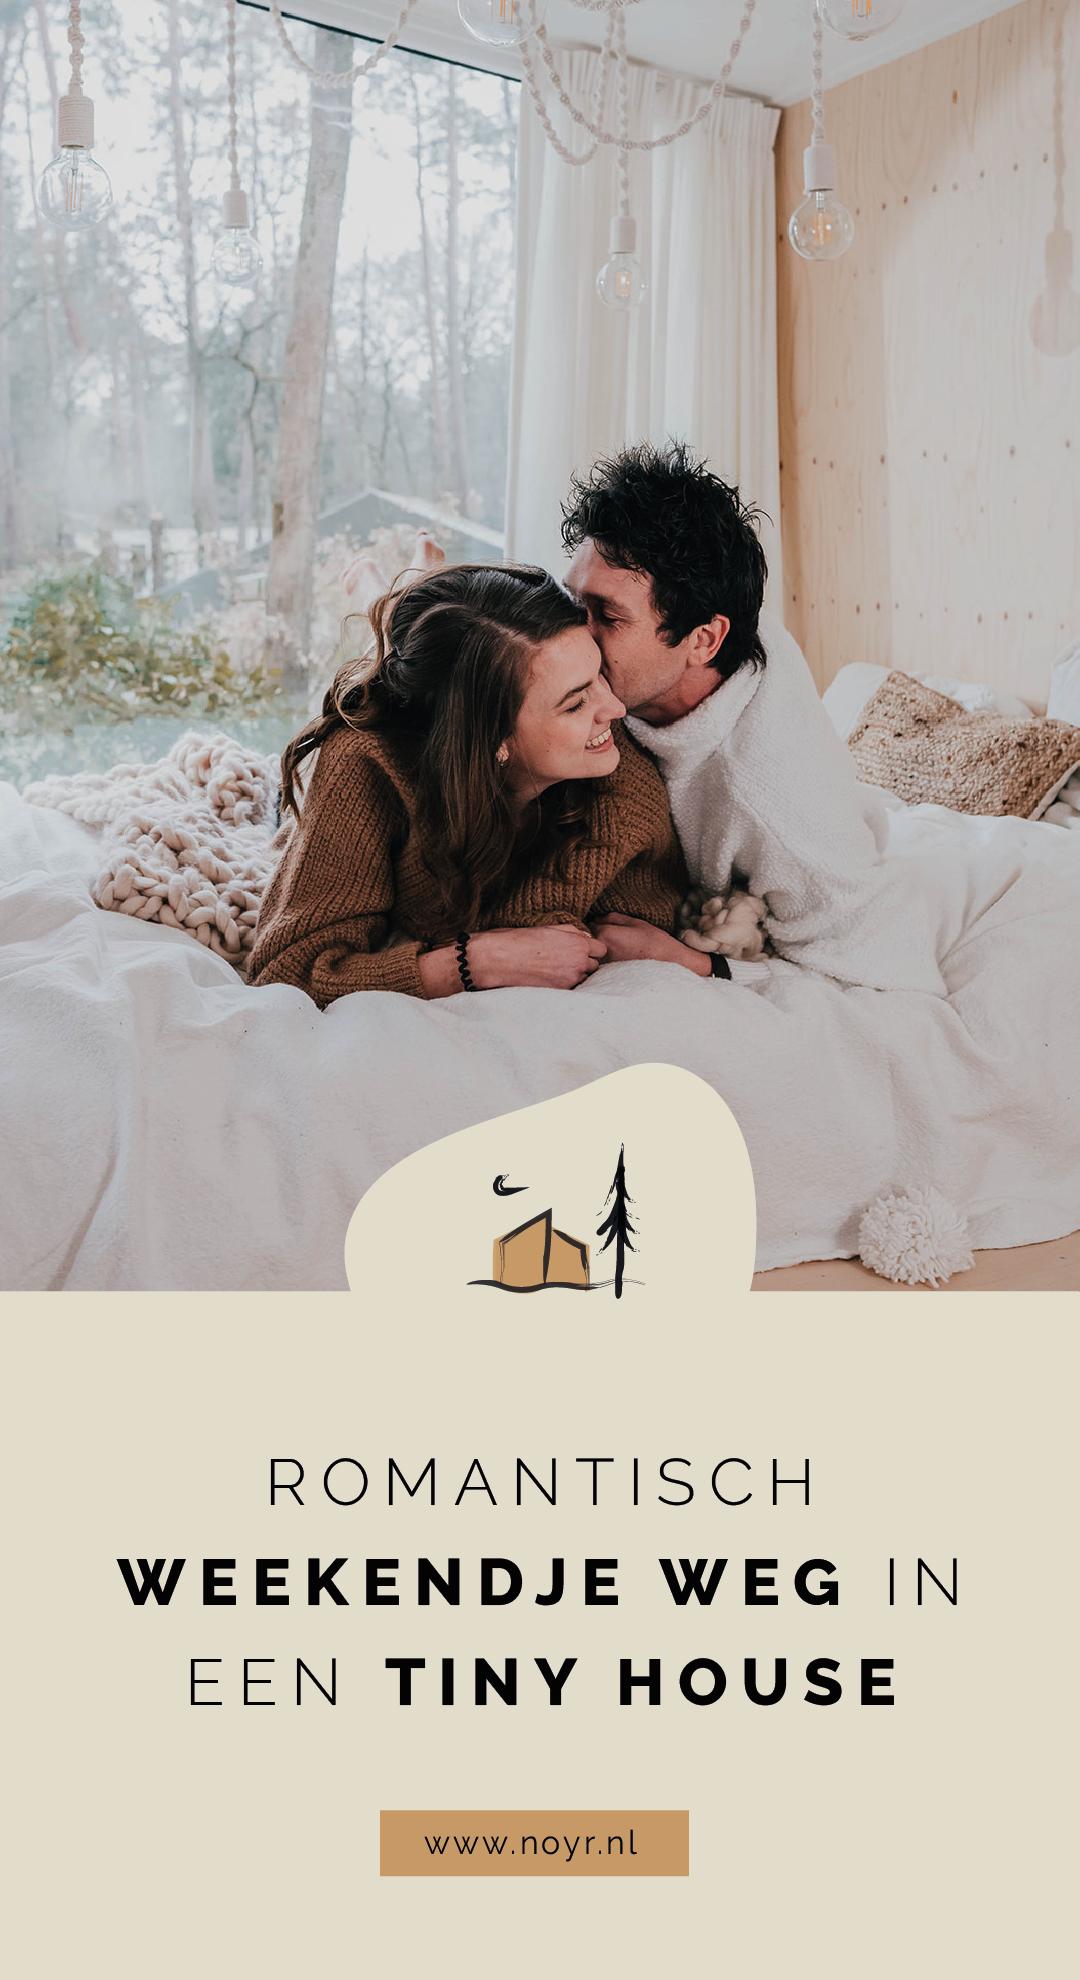 Romantisch weekendje weg in een tiny house | Pinterest